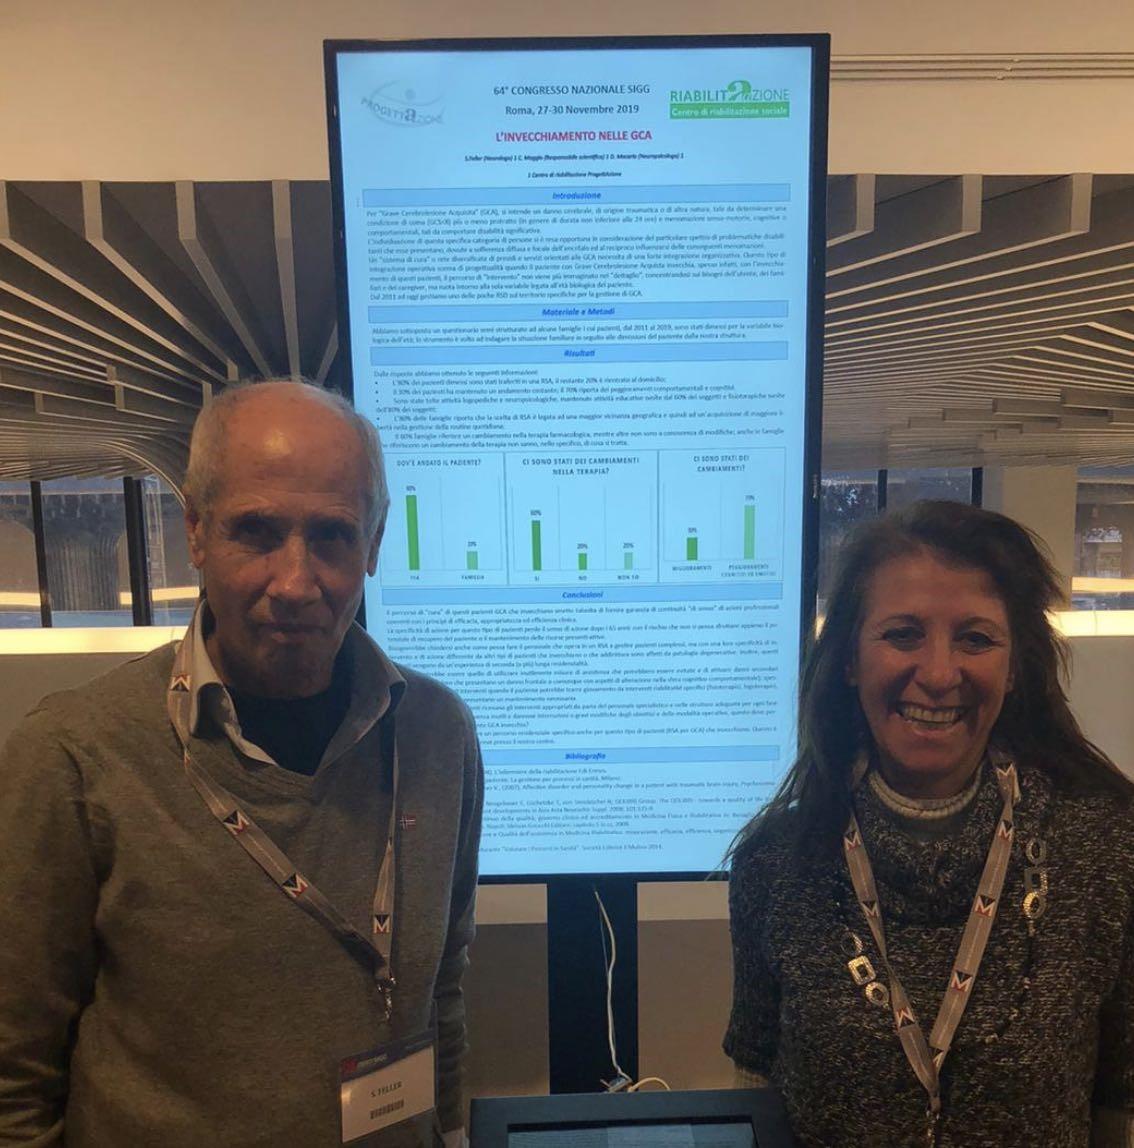 ProgettAzione al Congresso Nazionale della Società Italiana di Gerontologia e Geriatria, con la ricerca sul rapporto tra lesioni cerebrali e invecchiamento